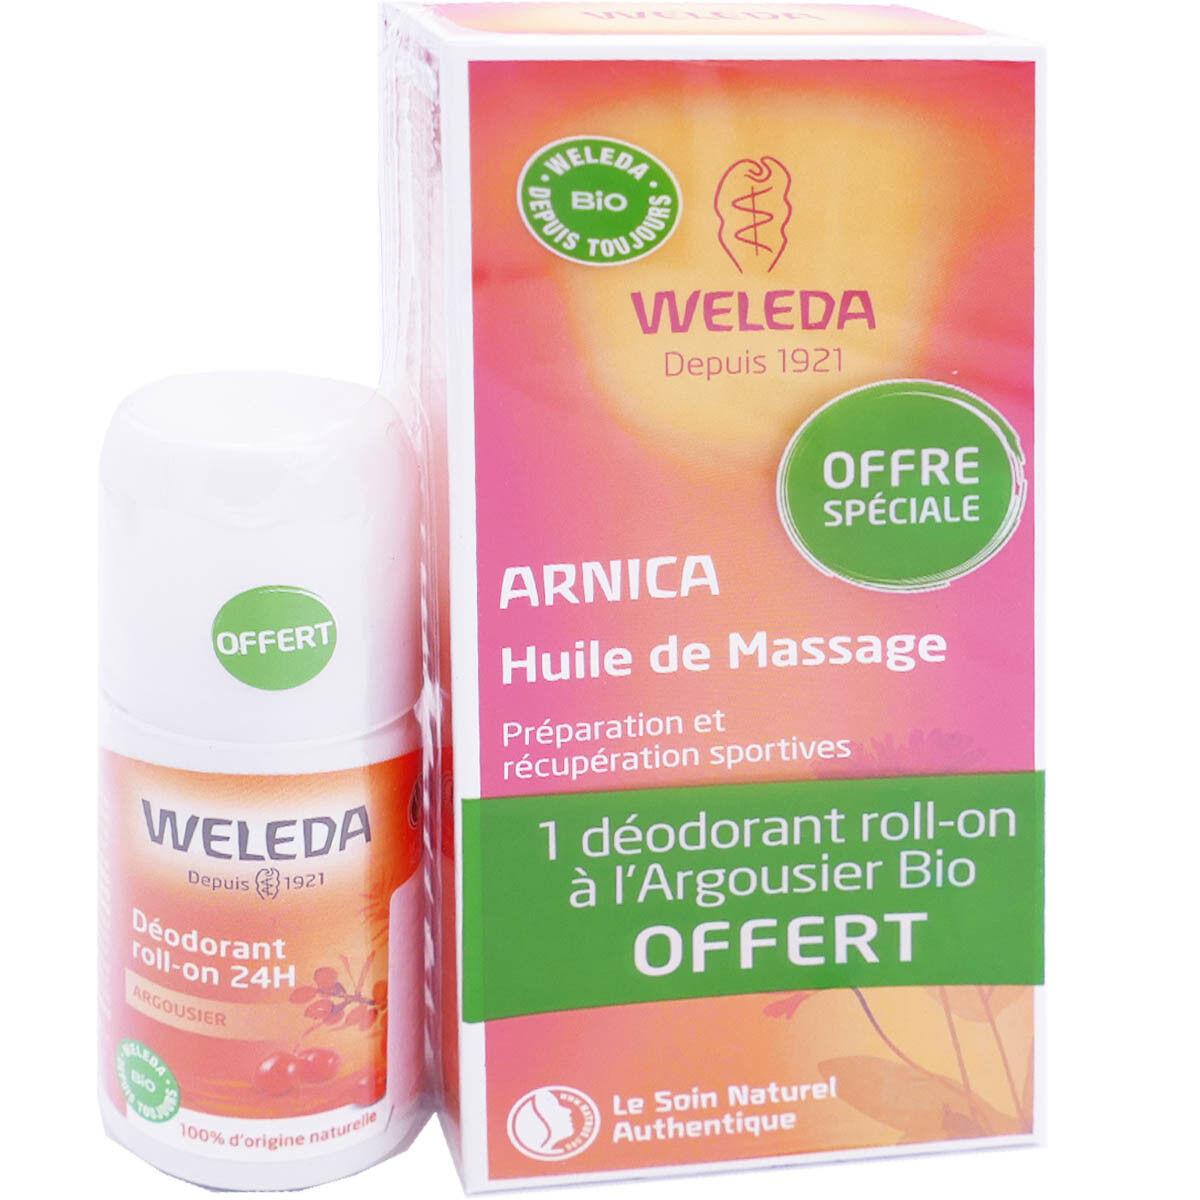 Weleda arnica huile de massage 200ml + dÉodorant 50ml